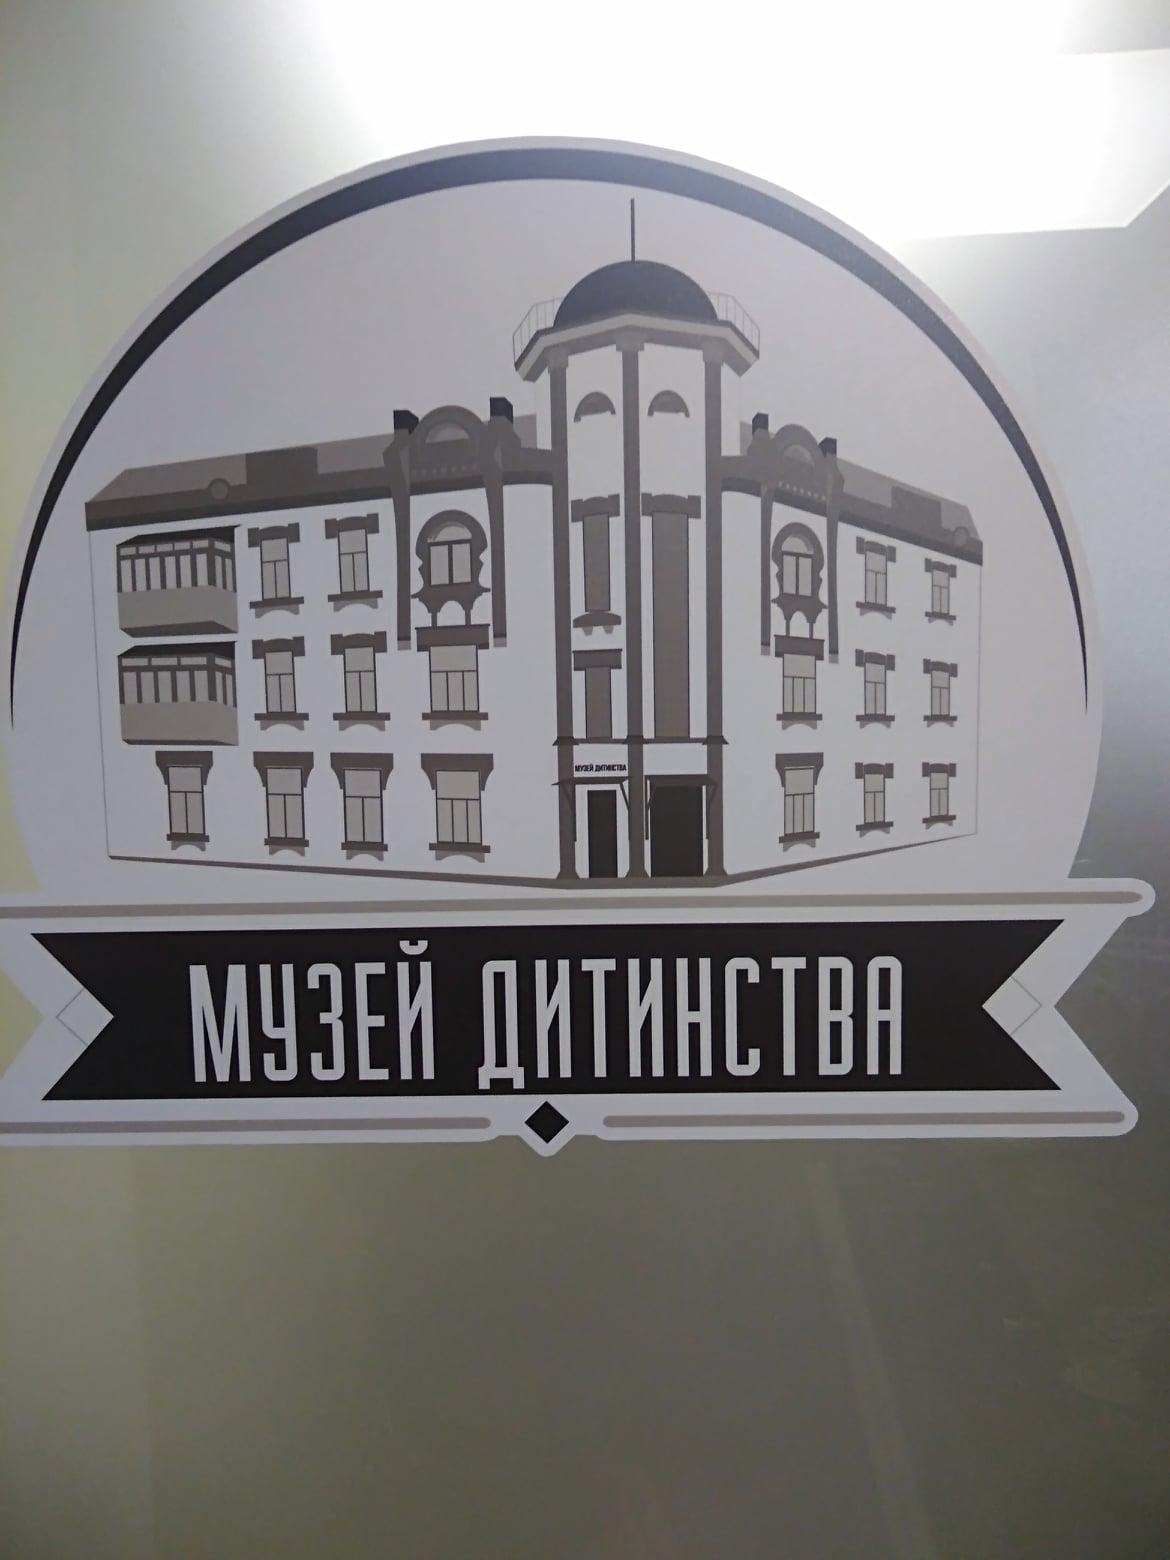 Днепровский Музей детства обрёл горбатый талисман и будет крутить мультики